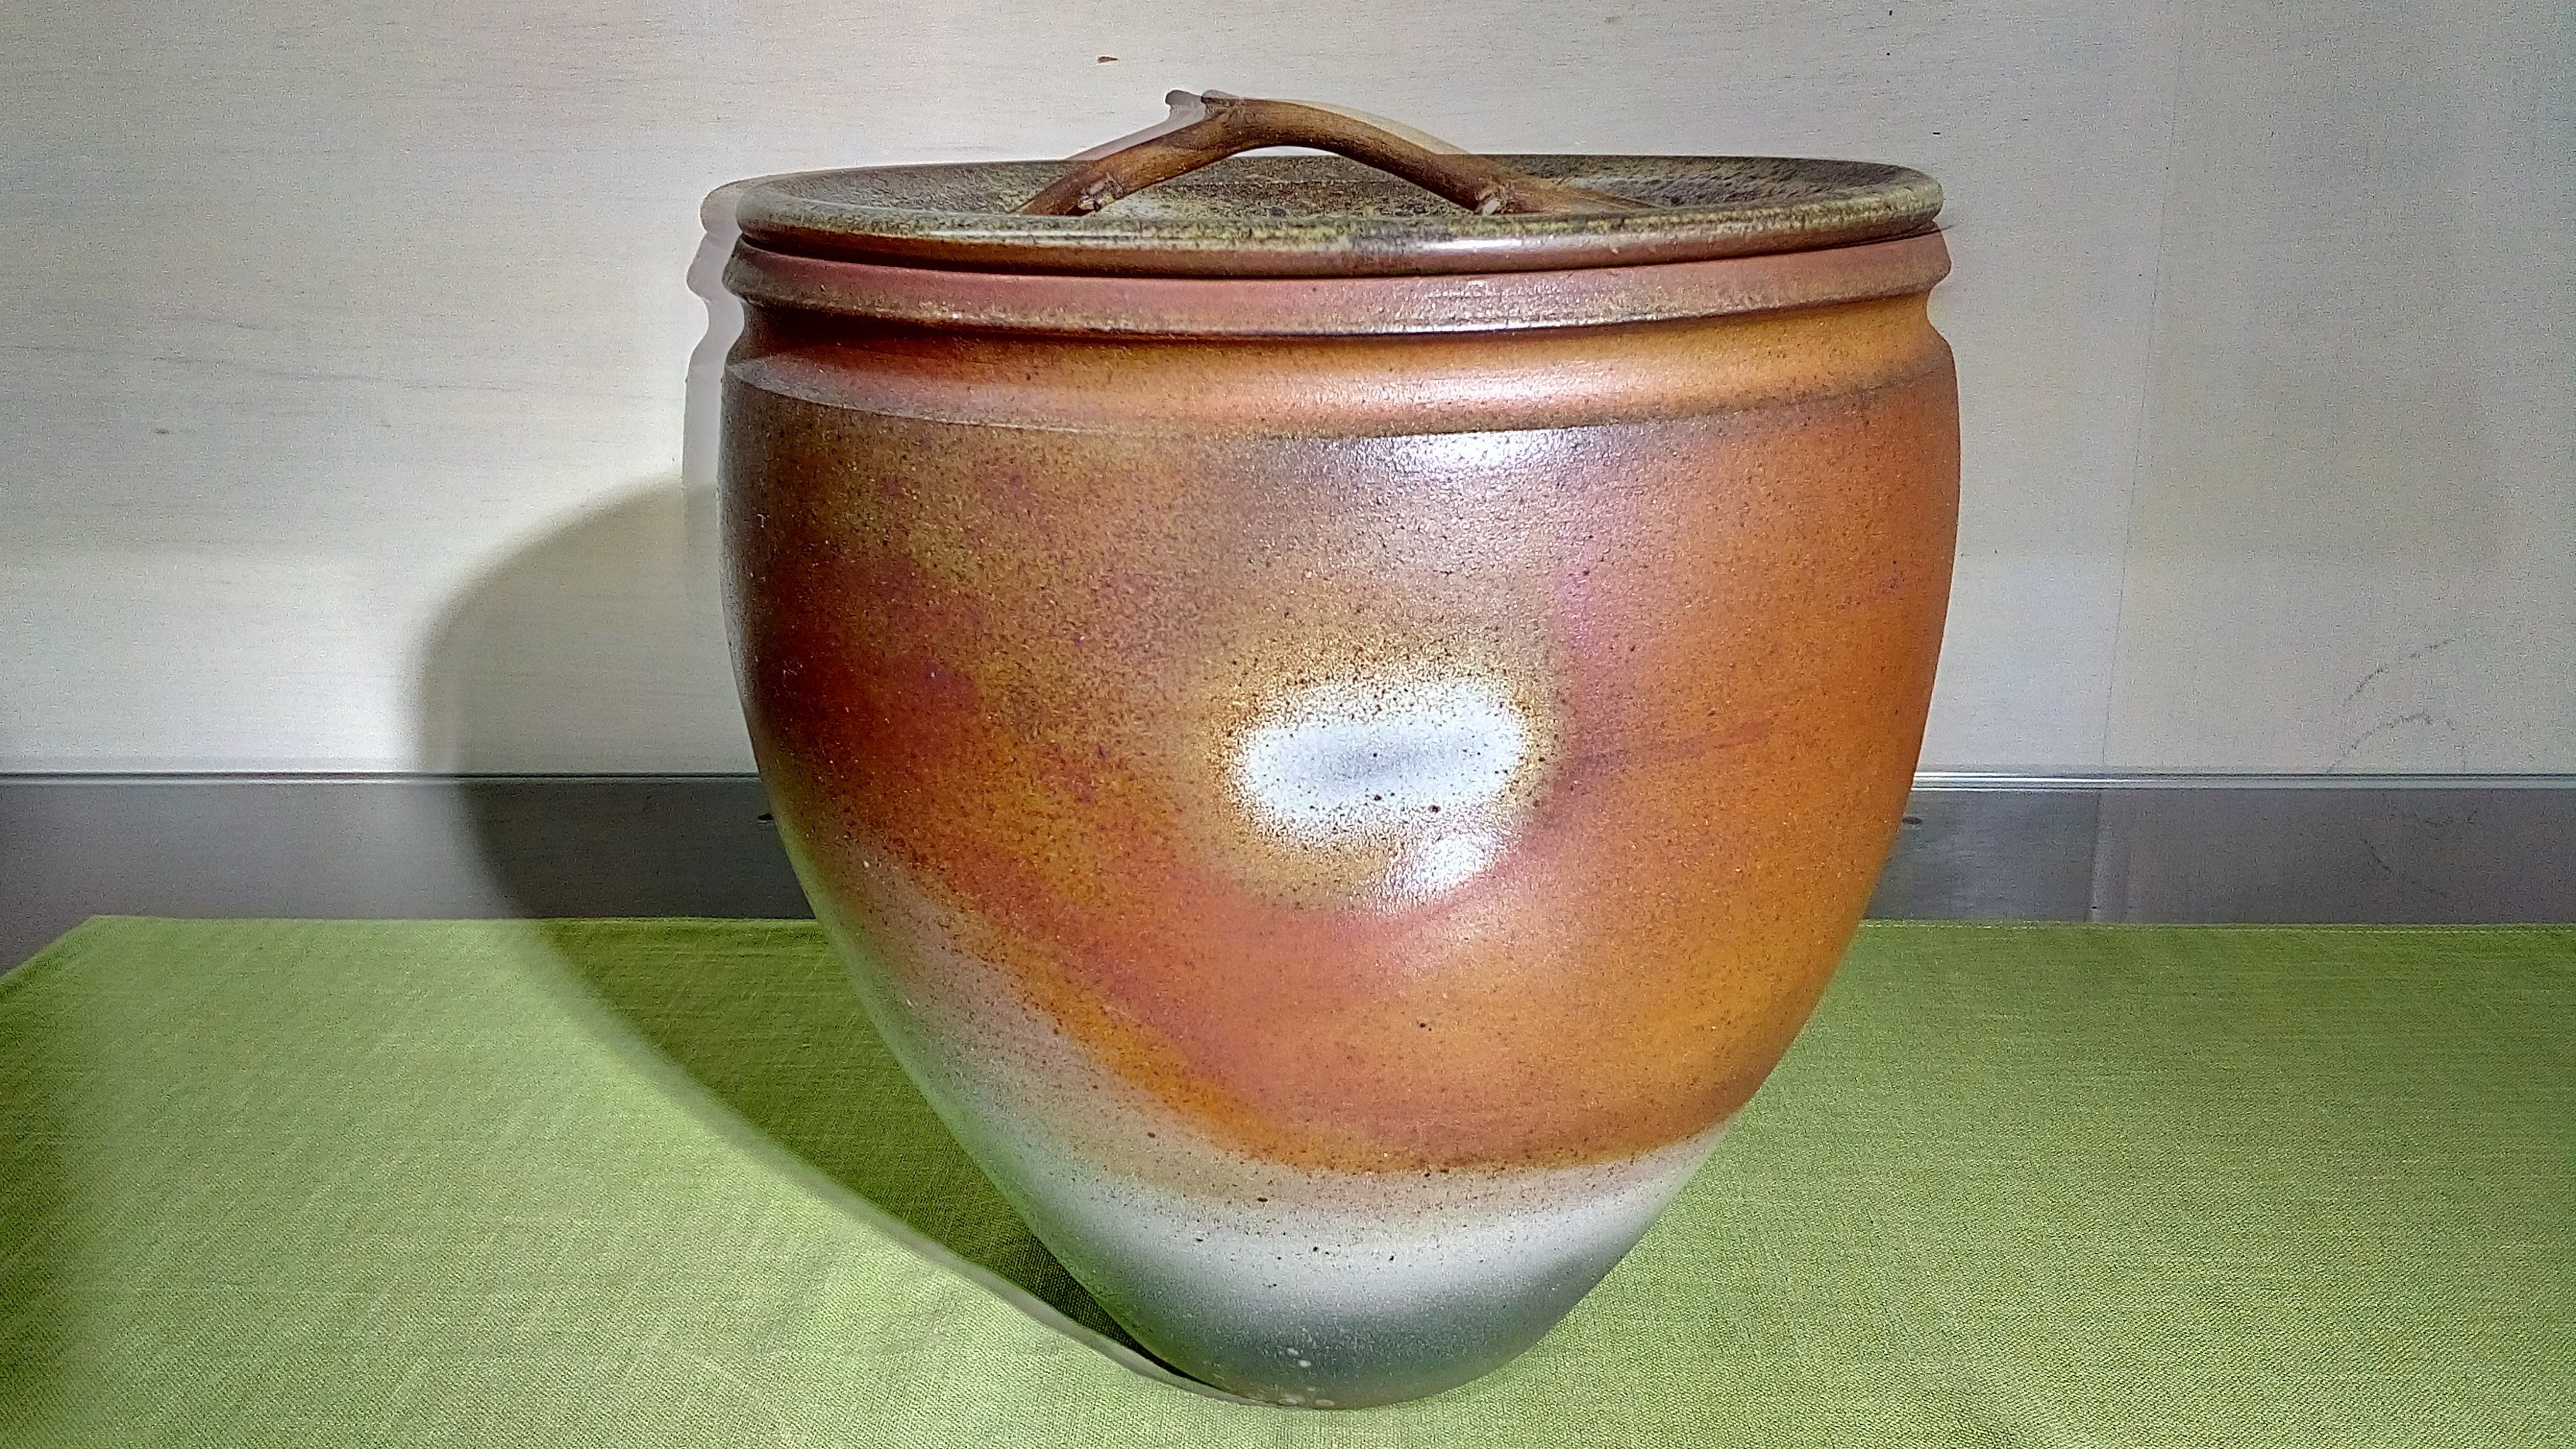 (店舖不續租清倉大拍)賣簡銘炤先生--柴燒大茶倉,原價38000元特賣價19000元